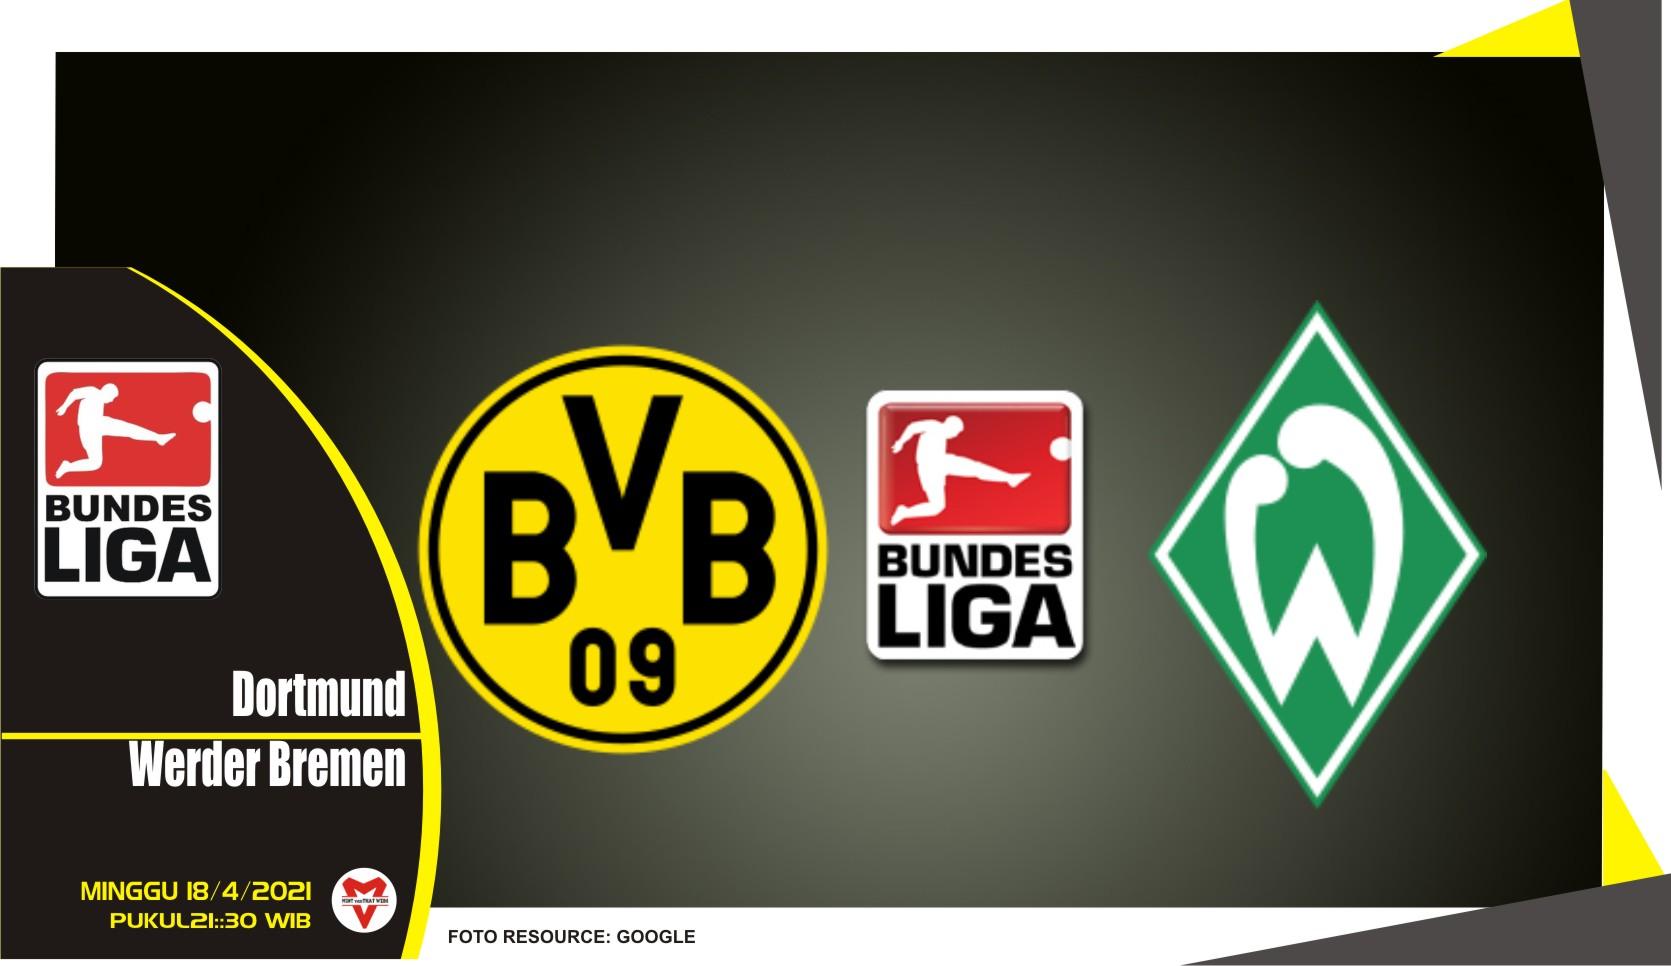 Prediksi Liga Jerman: Dortmund vs Werder Bremen - 18 April 2021